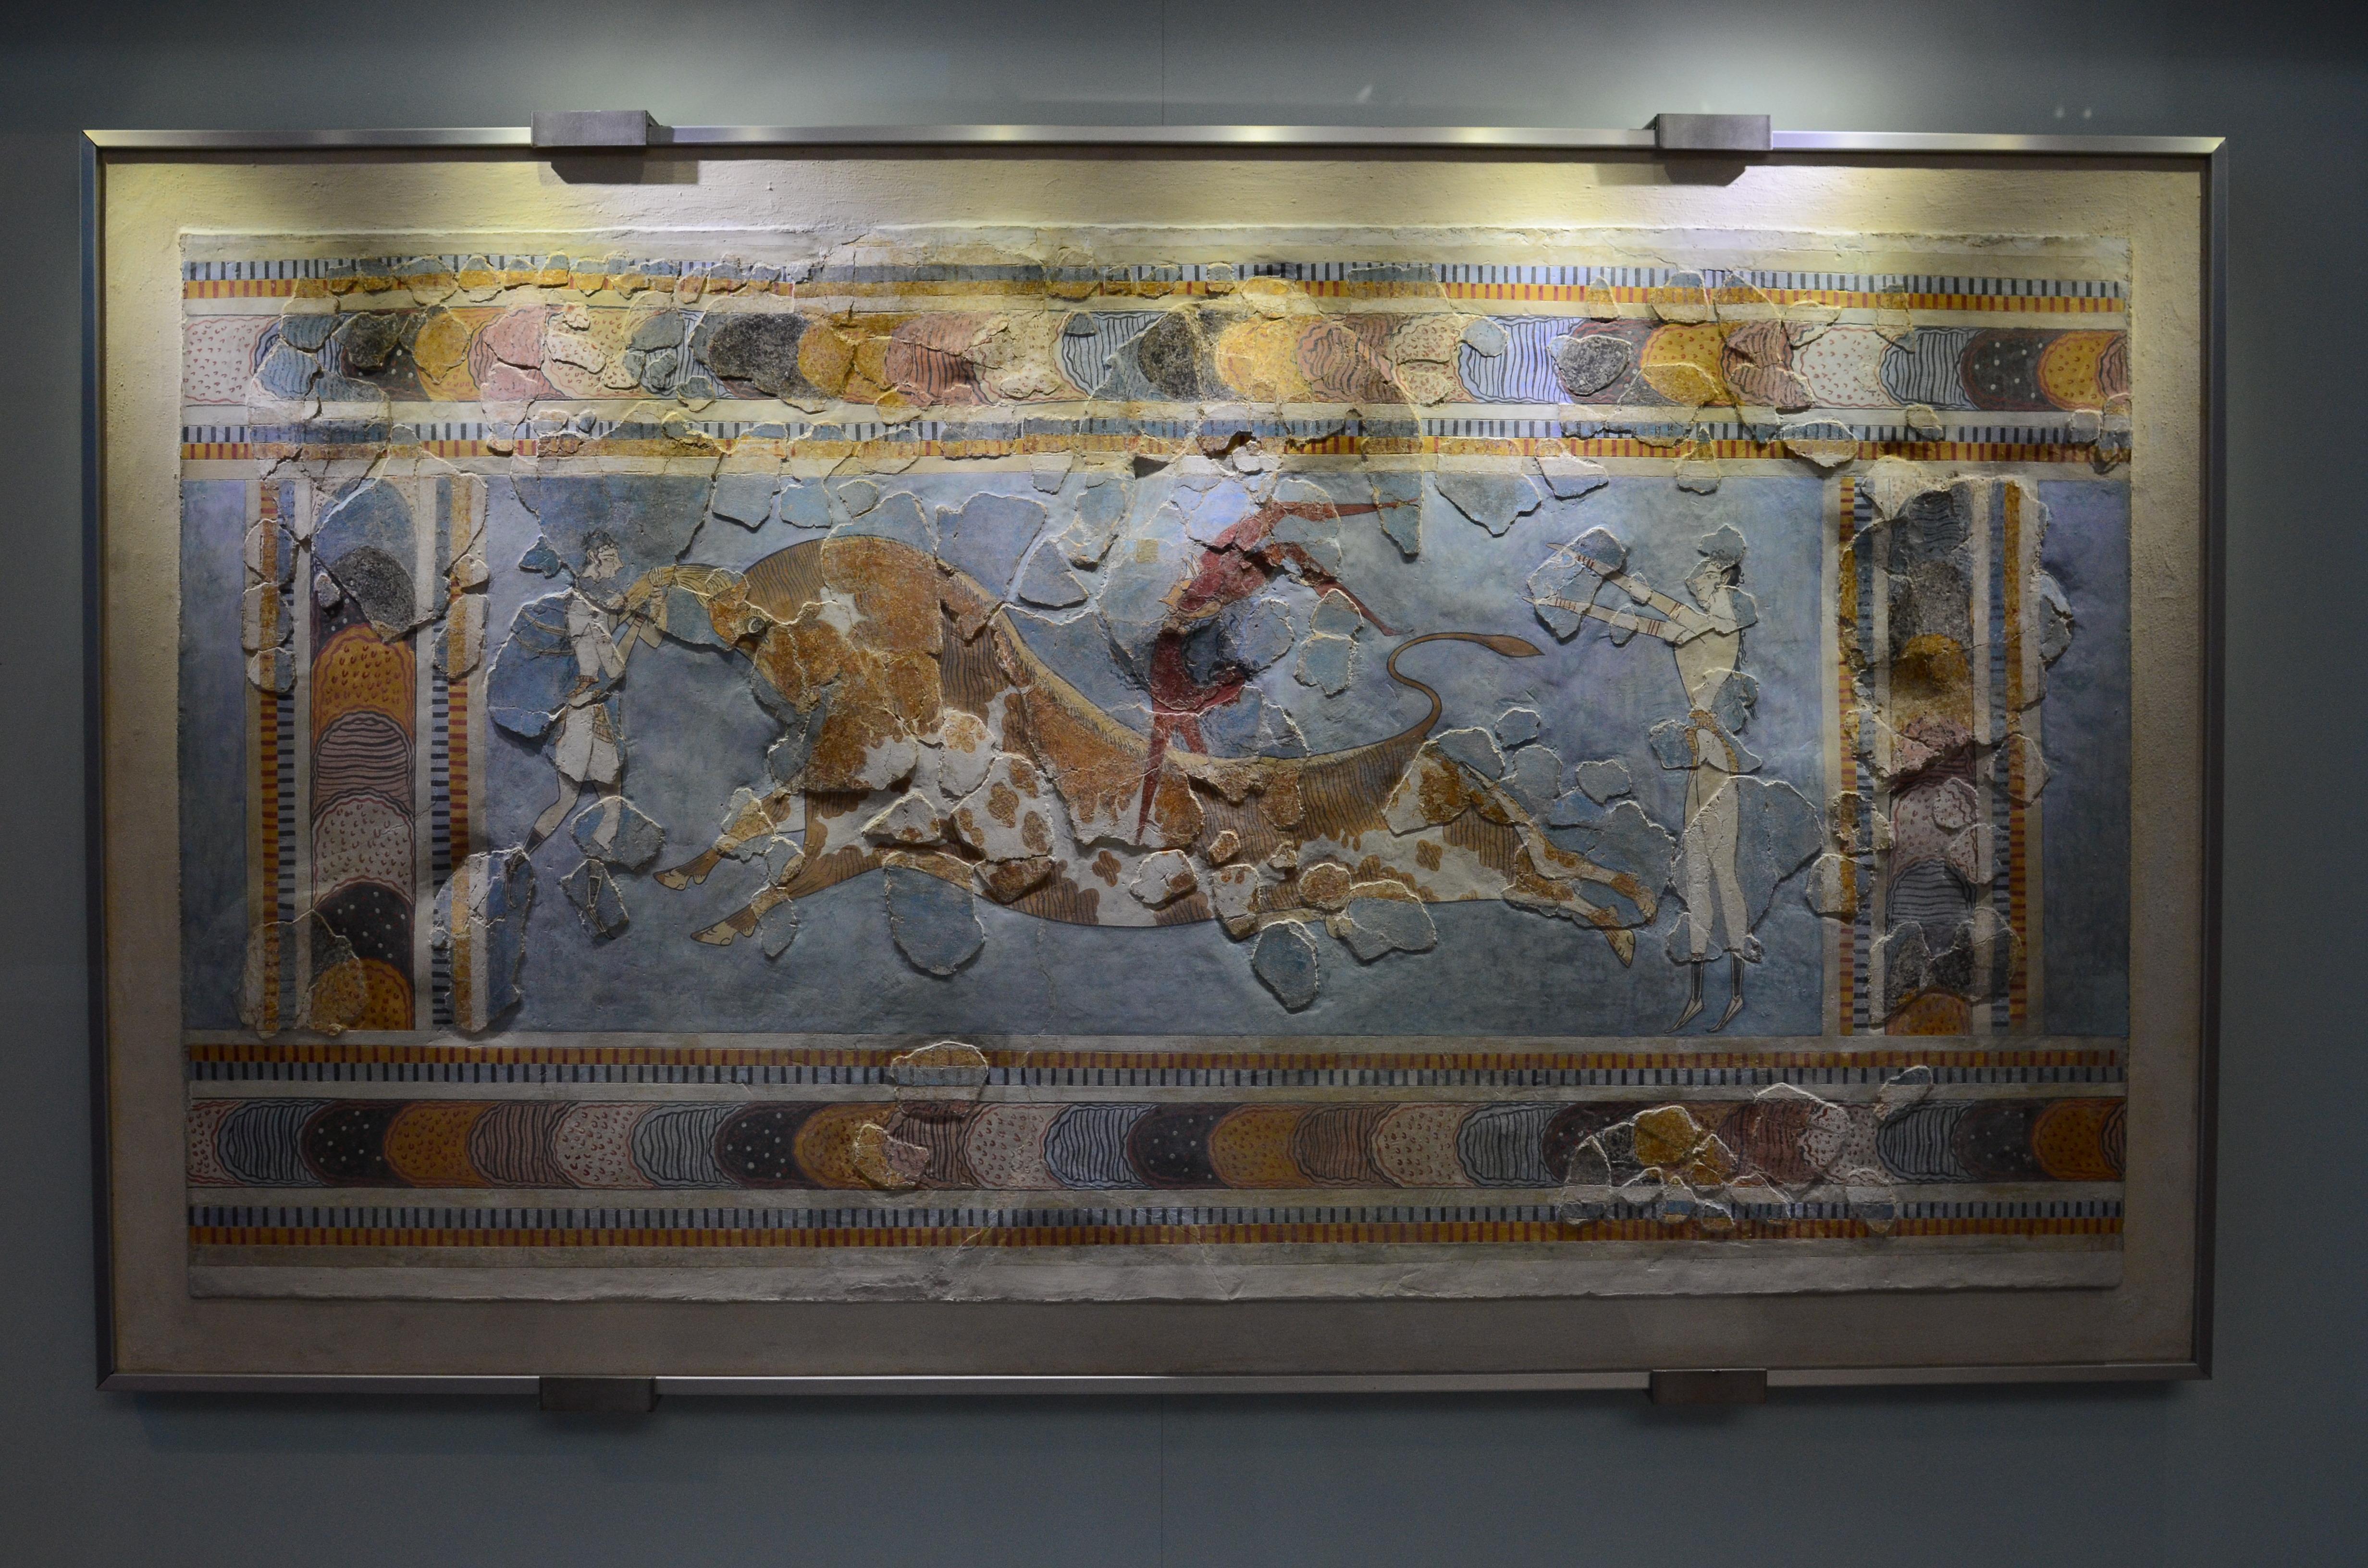 Minoan Bull Acrobat Fresco